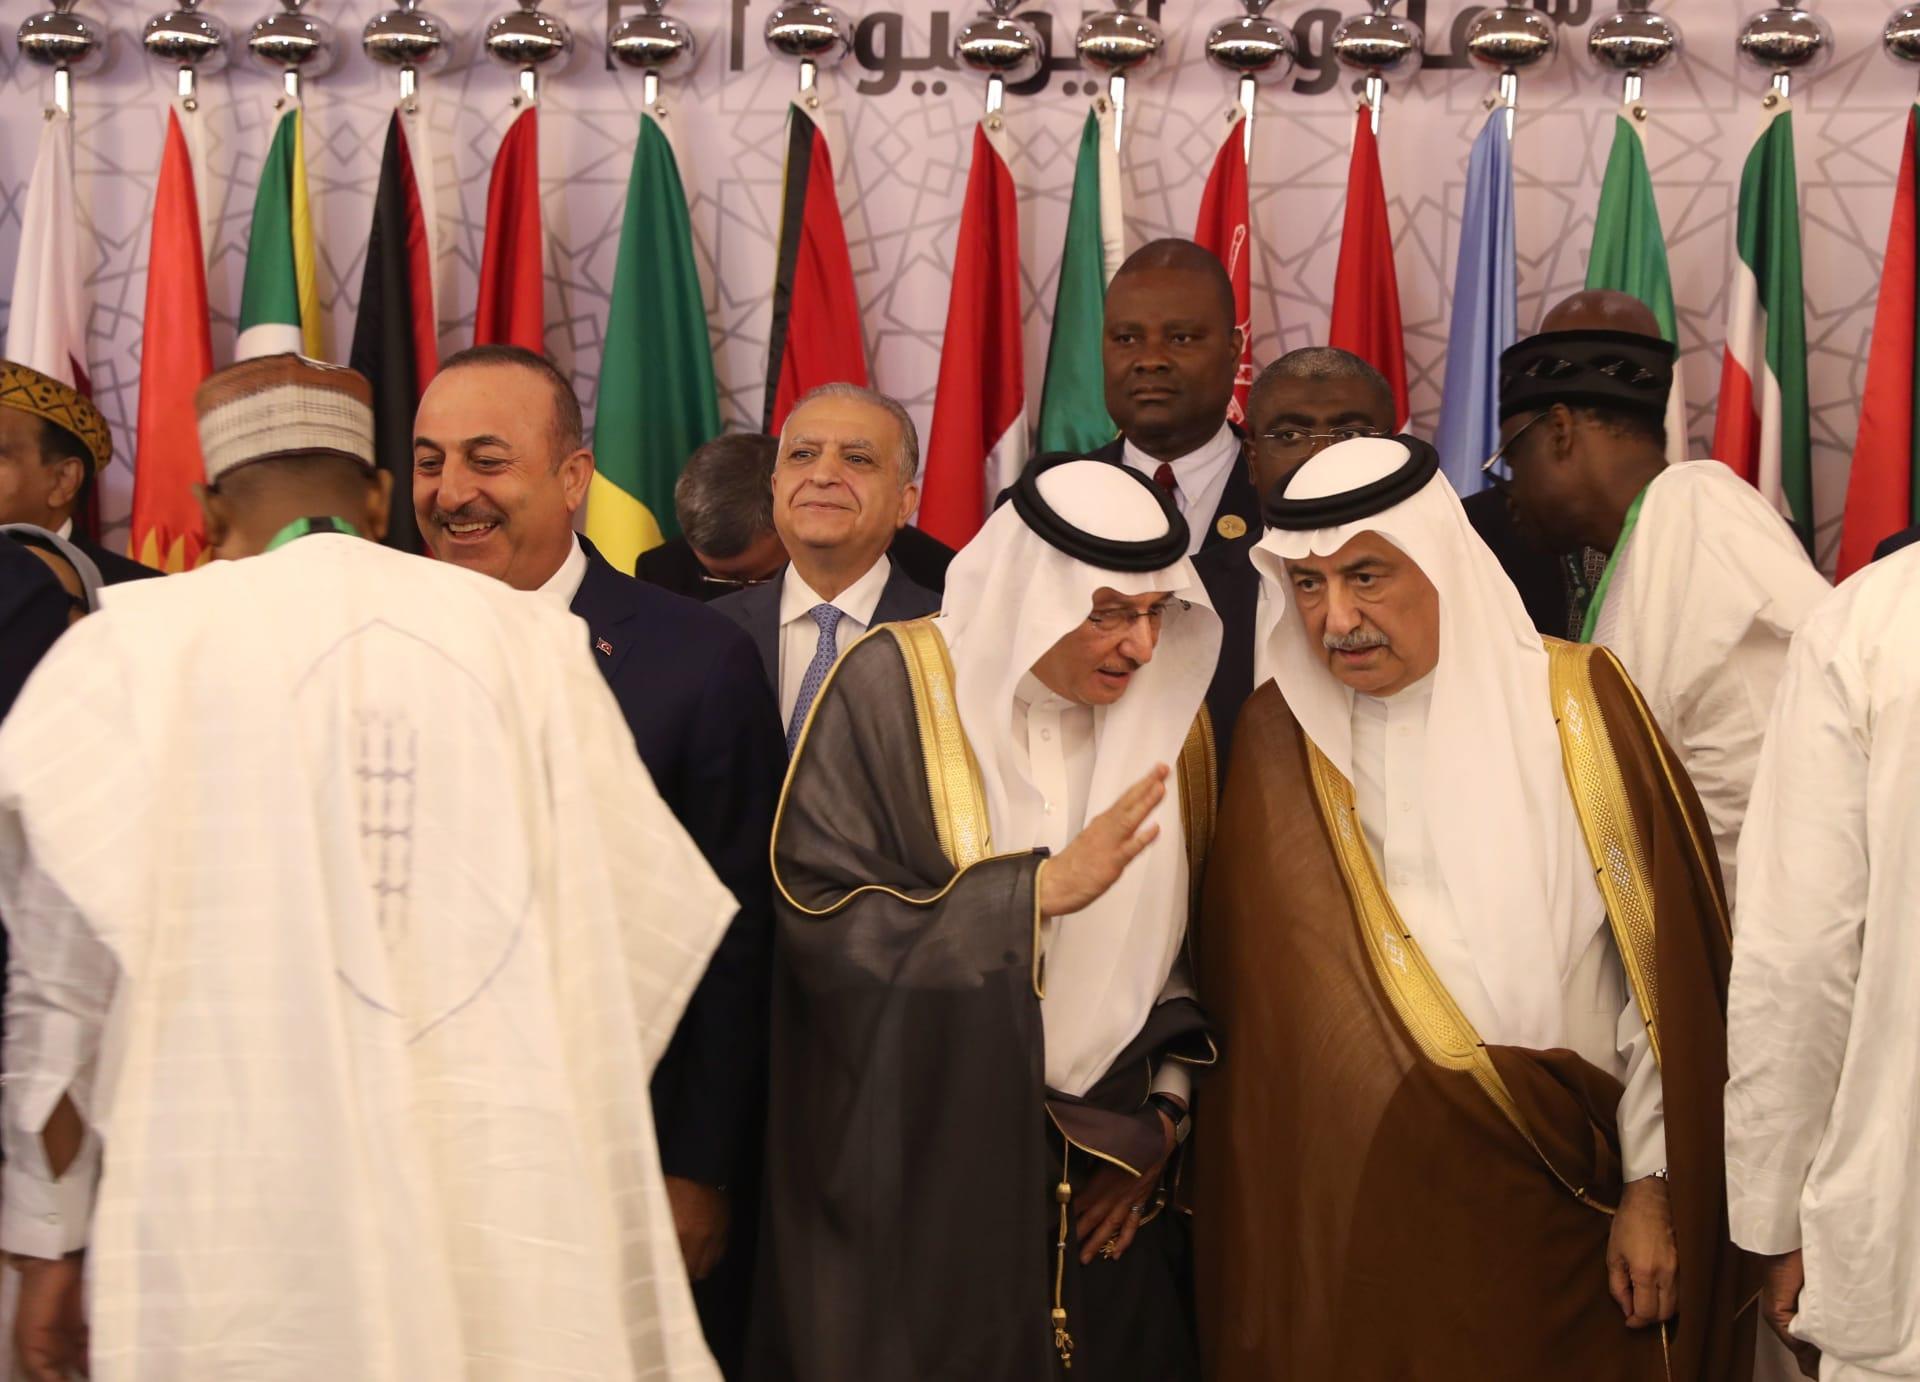 إيران ترد على وزير الخارجية السعودي وتدعو للتركيز على القضية الفلسطينية